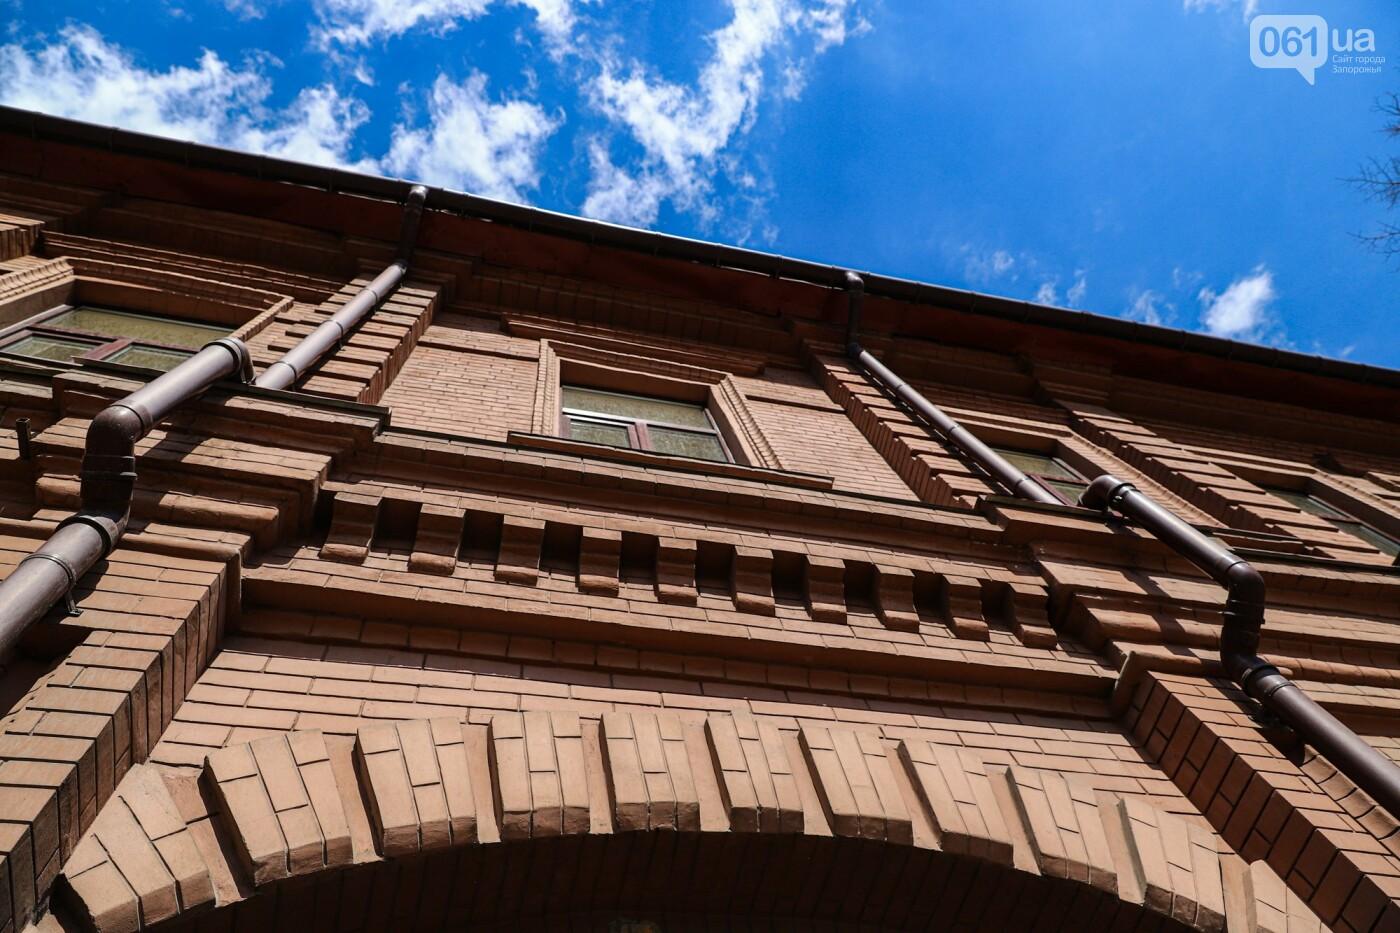 Памятники Старого Александровска: как сейчас выглядит доходный дом Регирера, - ФОТО, фото-14